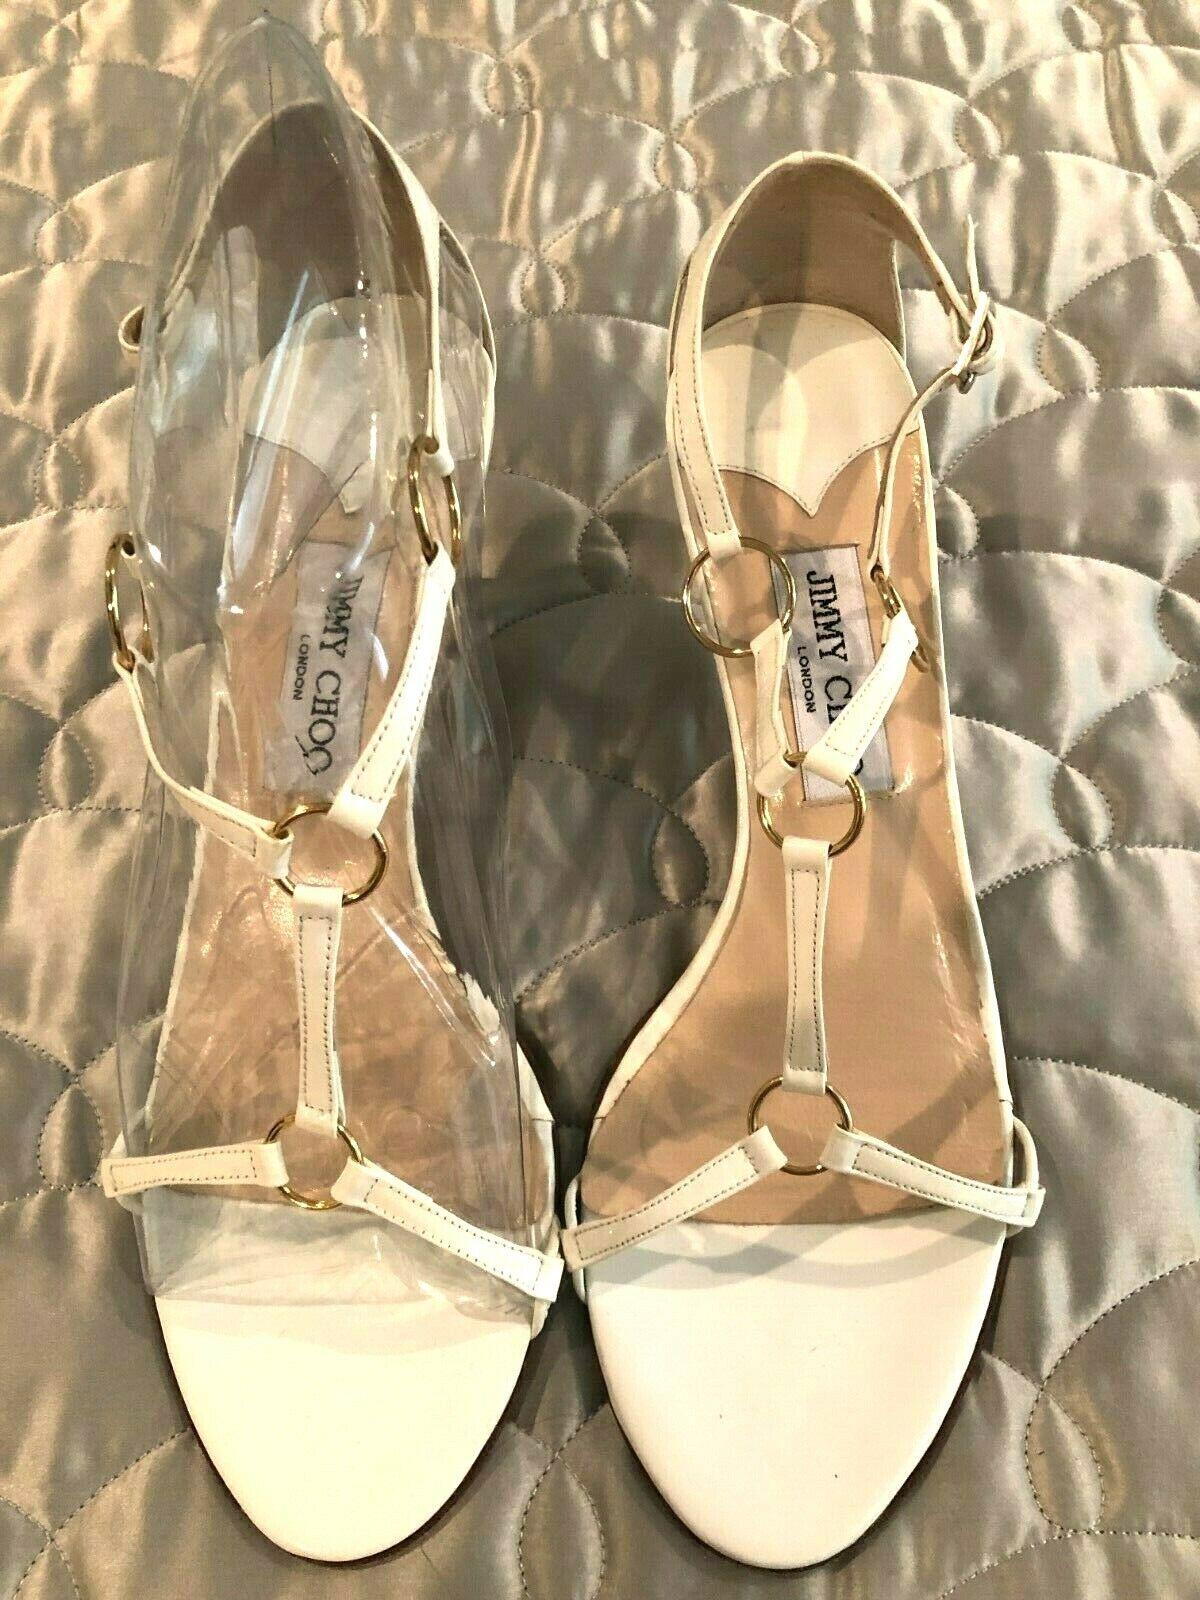 1f164f96655 Jimmy Choo Beautiful Beautiful Beautiful Off White Patent leather ...